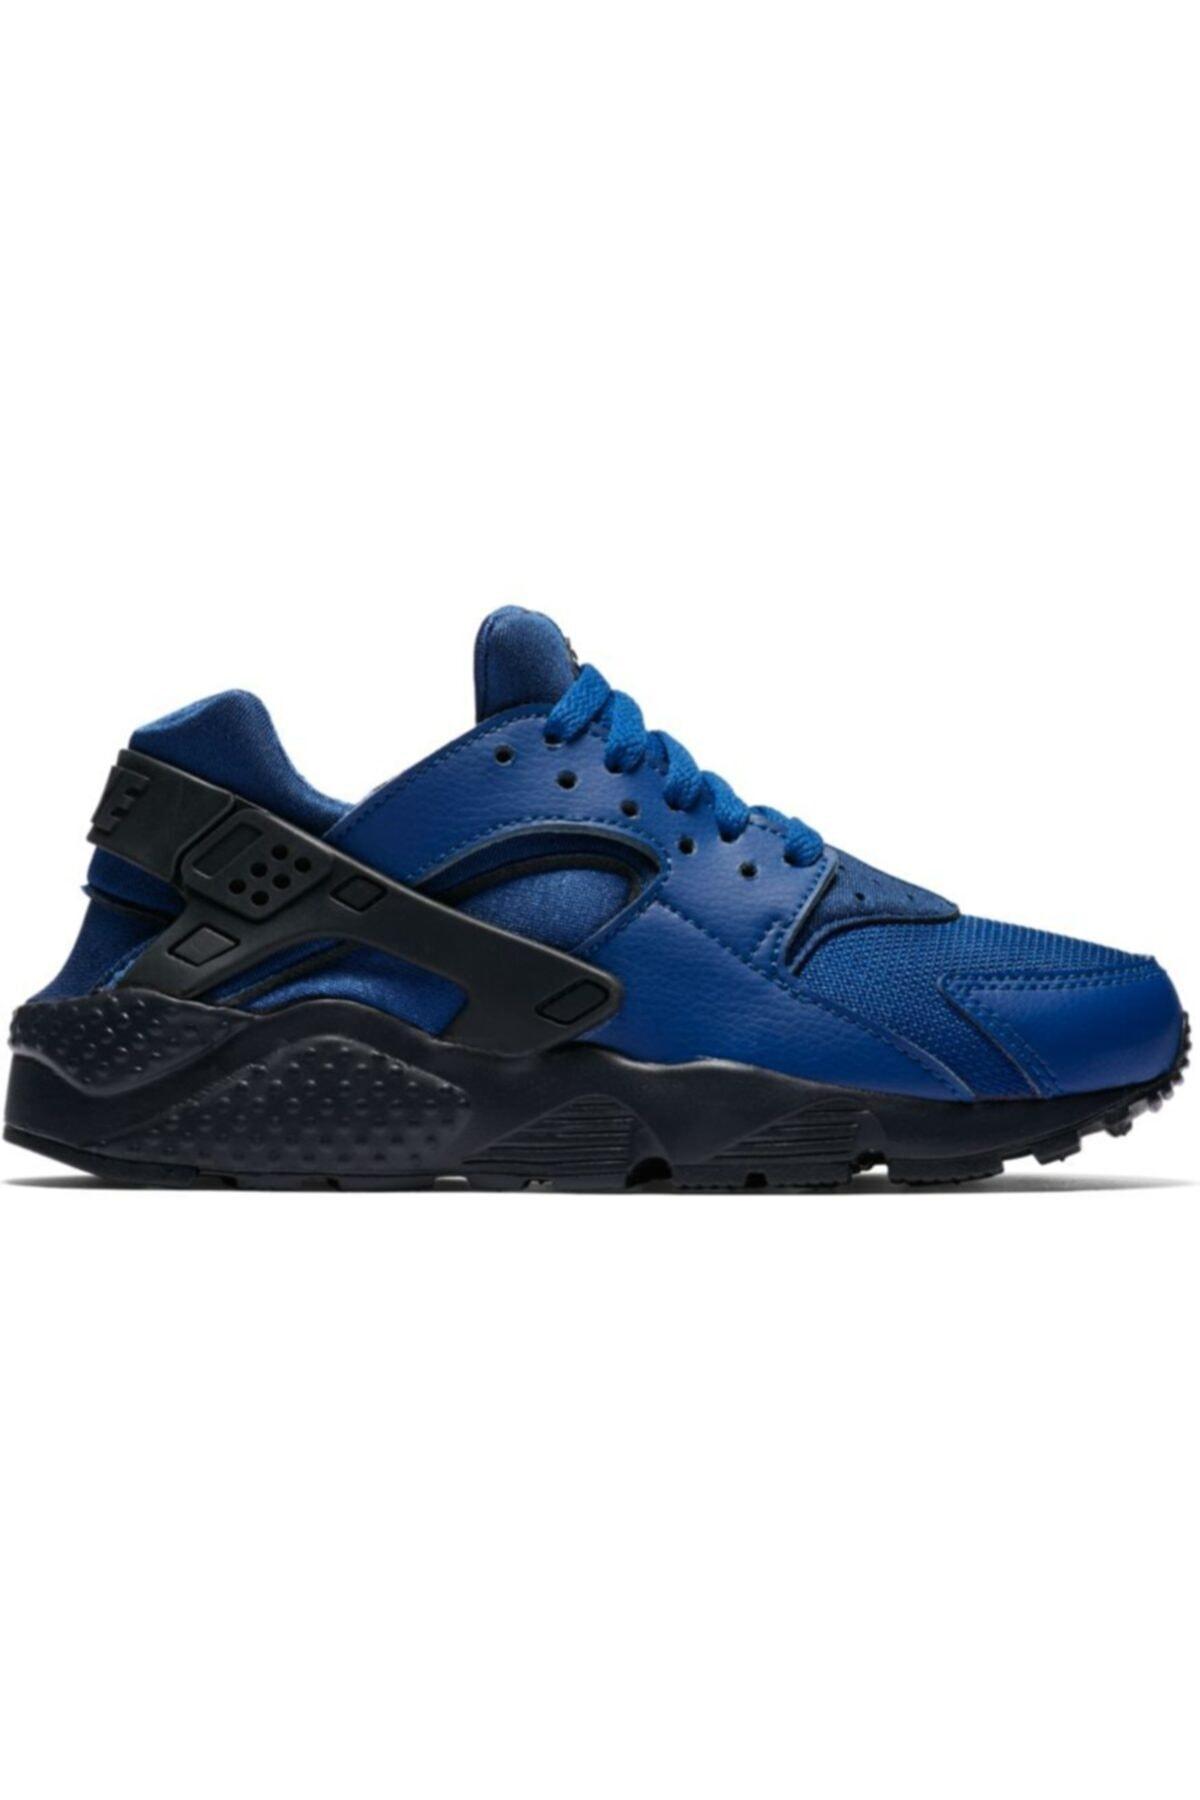 Nike Kadın Lacivert Huarache Run Spor Ayakkabı 654275-412 1